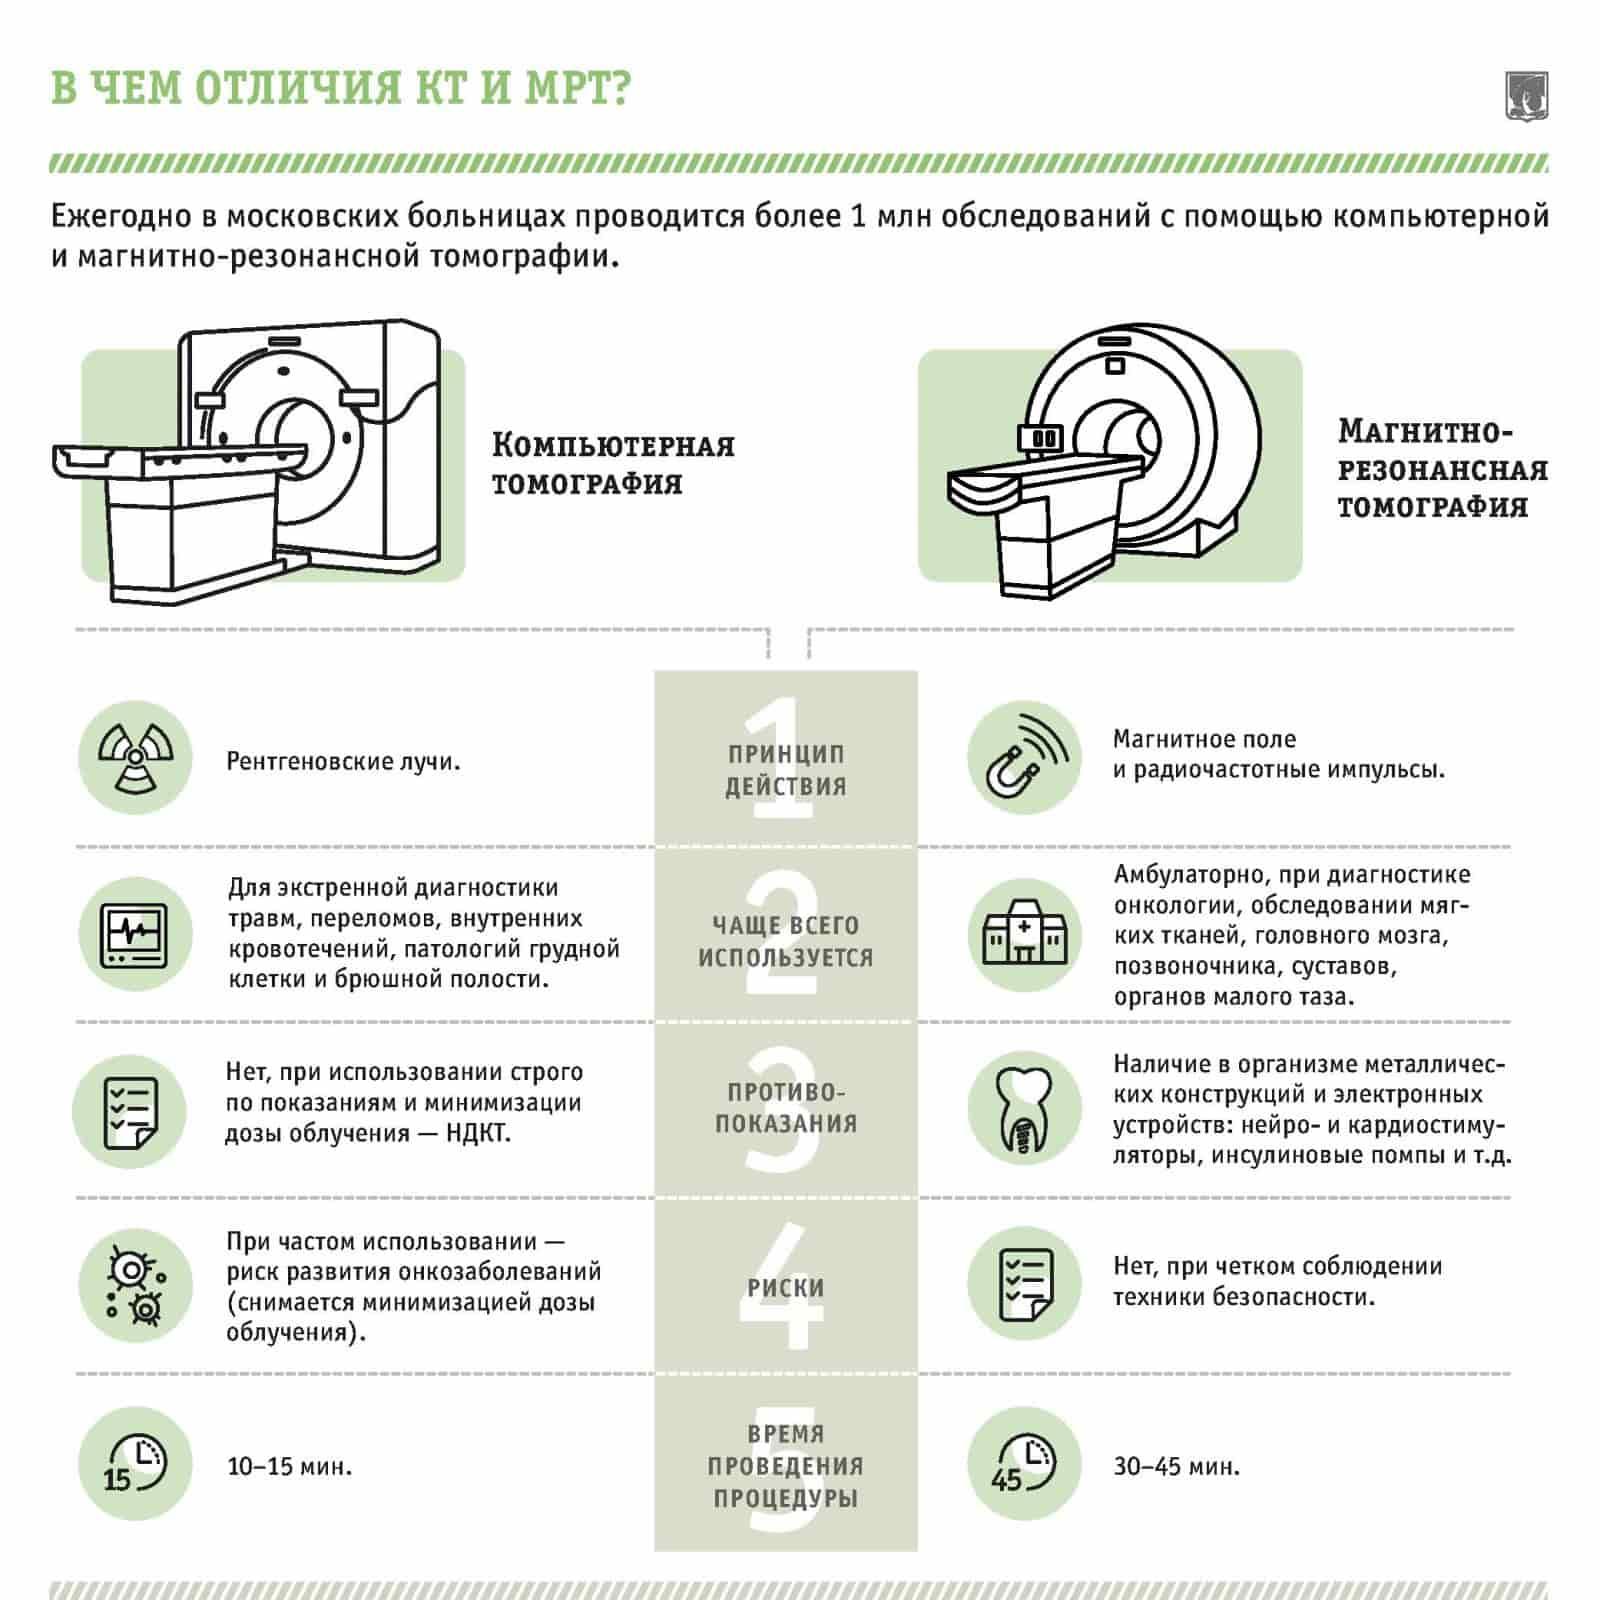 КТ и МРТ отличия